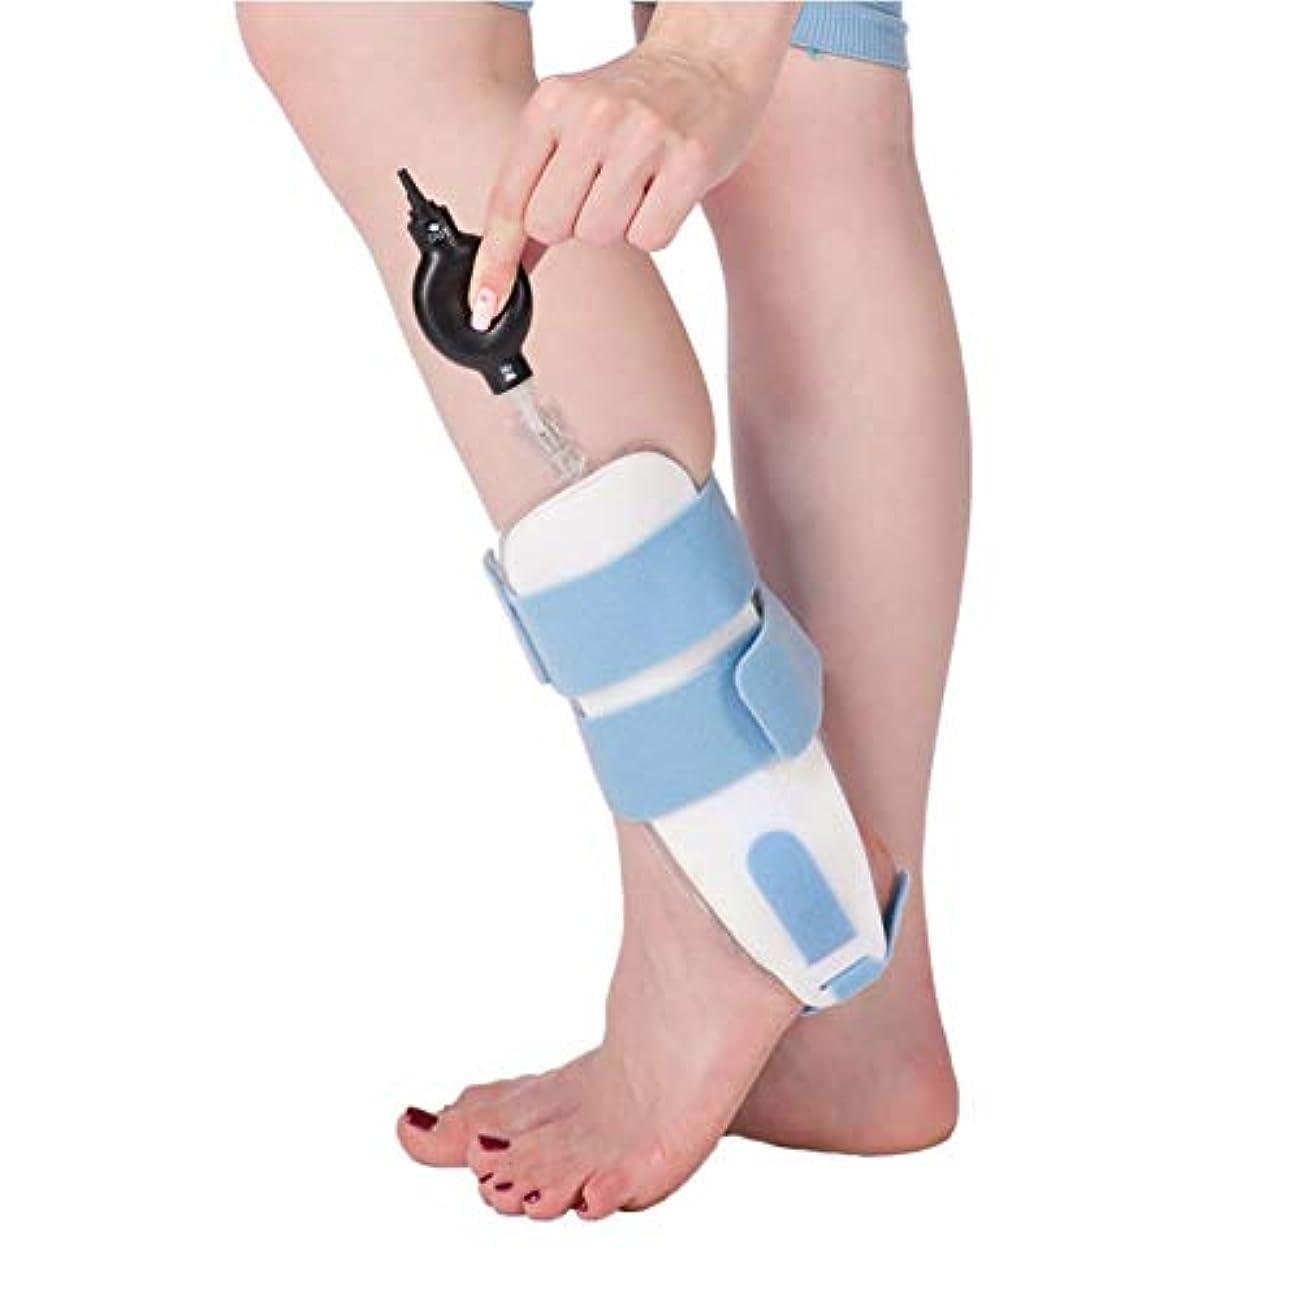 発行するシャープマキシム足首の装具の膨脹可能な足首の保護装置は石膏の足の捻rainの固定副木を取り替えることができます